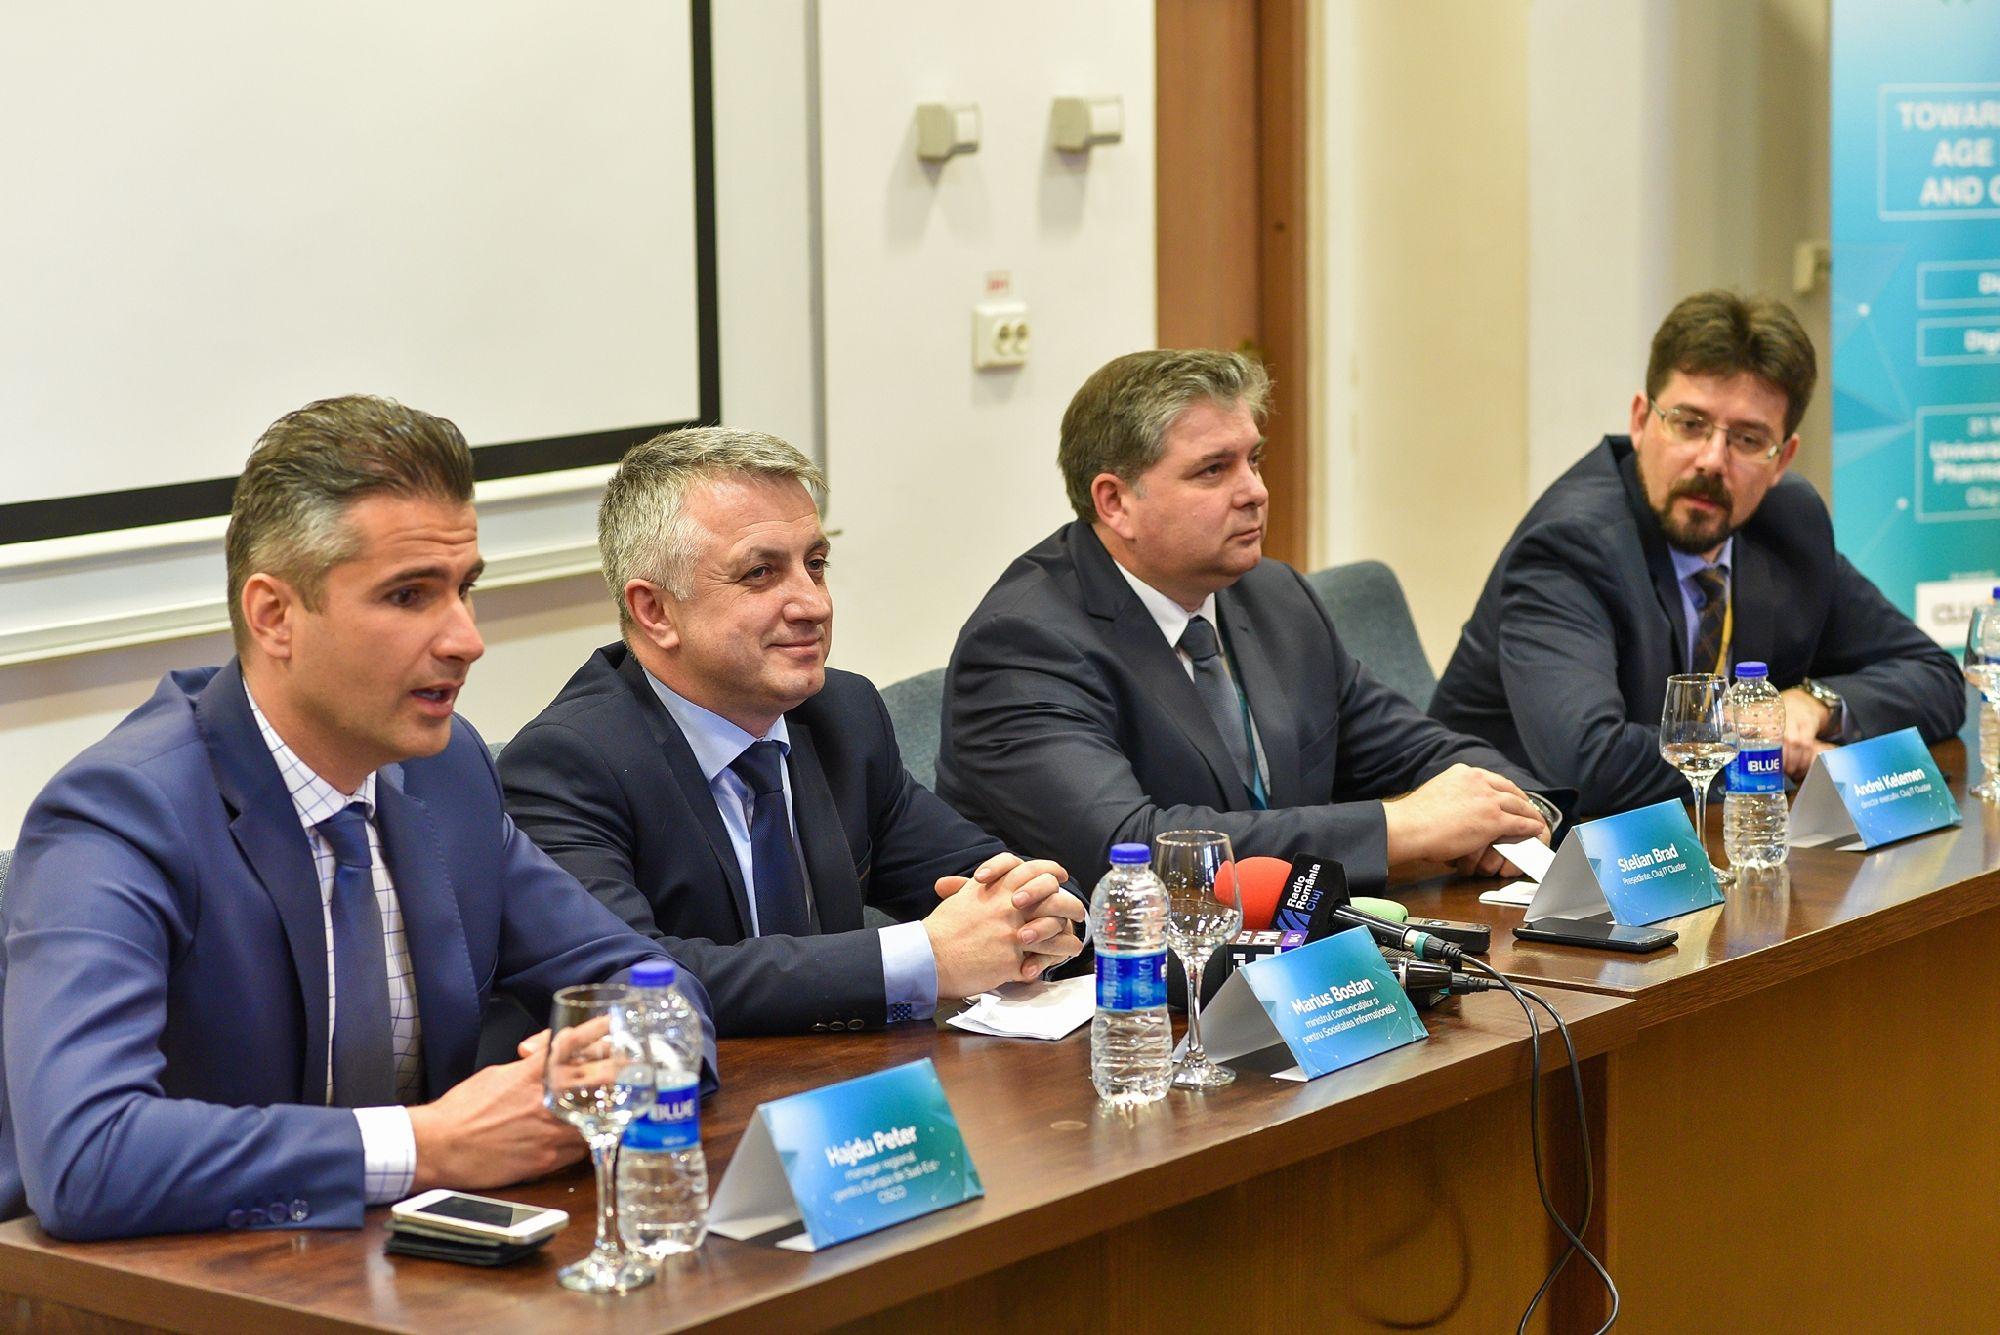 """Specialiștii prezenți la Cluj Innovation Days: """"digitalul reprezintă tendința obligatoriu de urmat în medicină și administrație"""""""